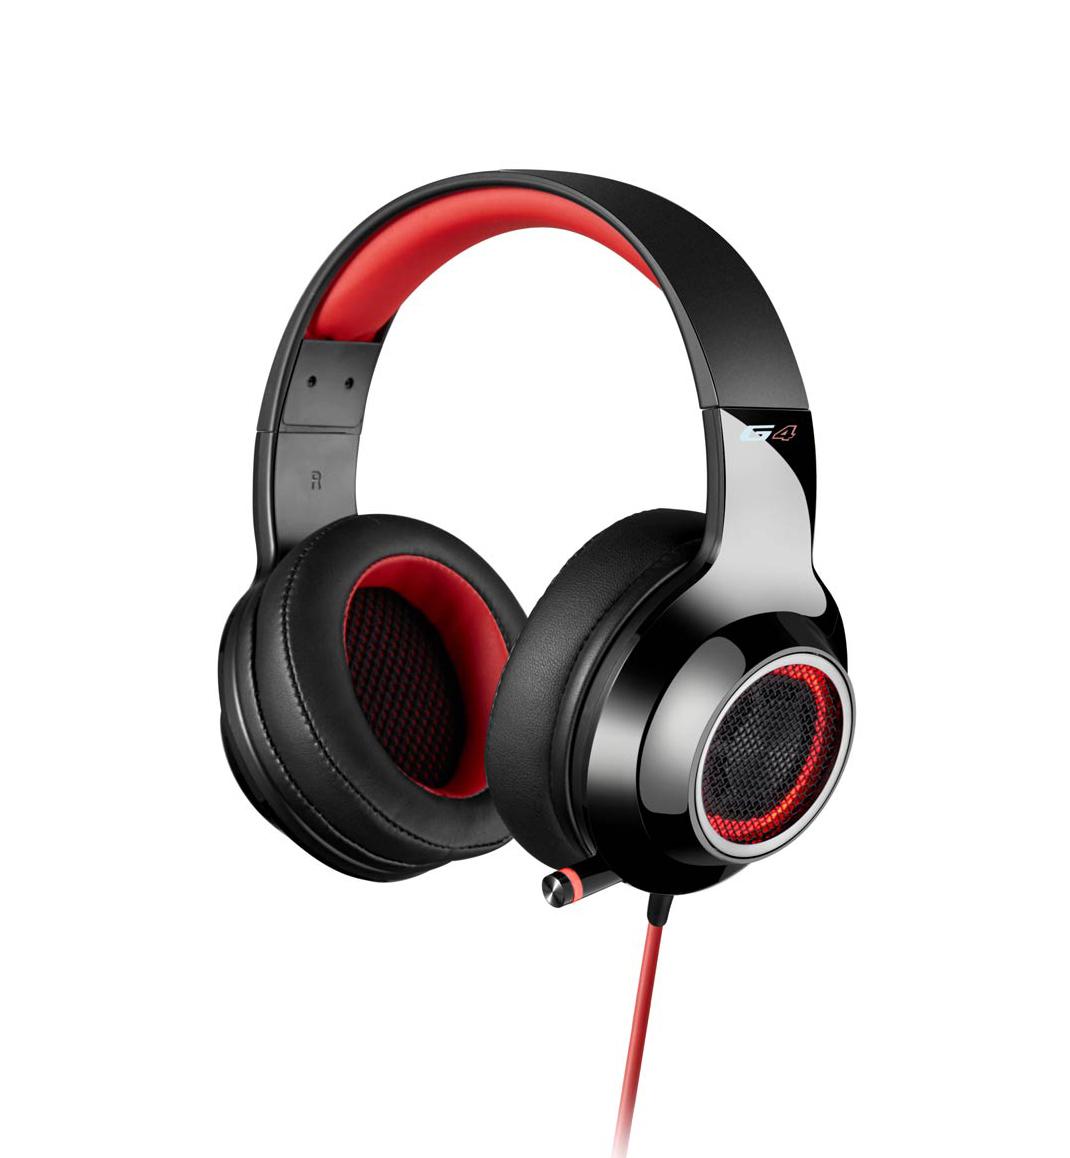 V4, Edifier's new gaming headphone